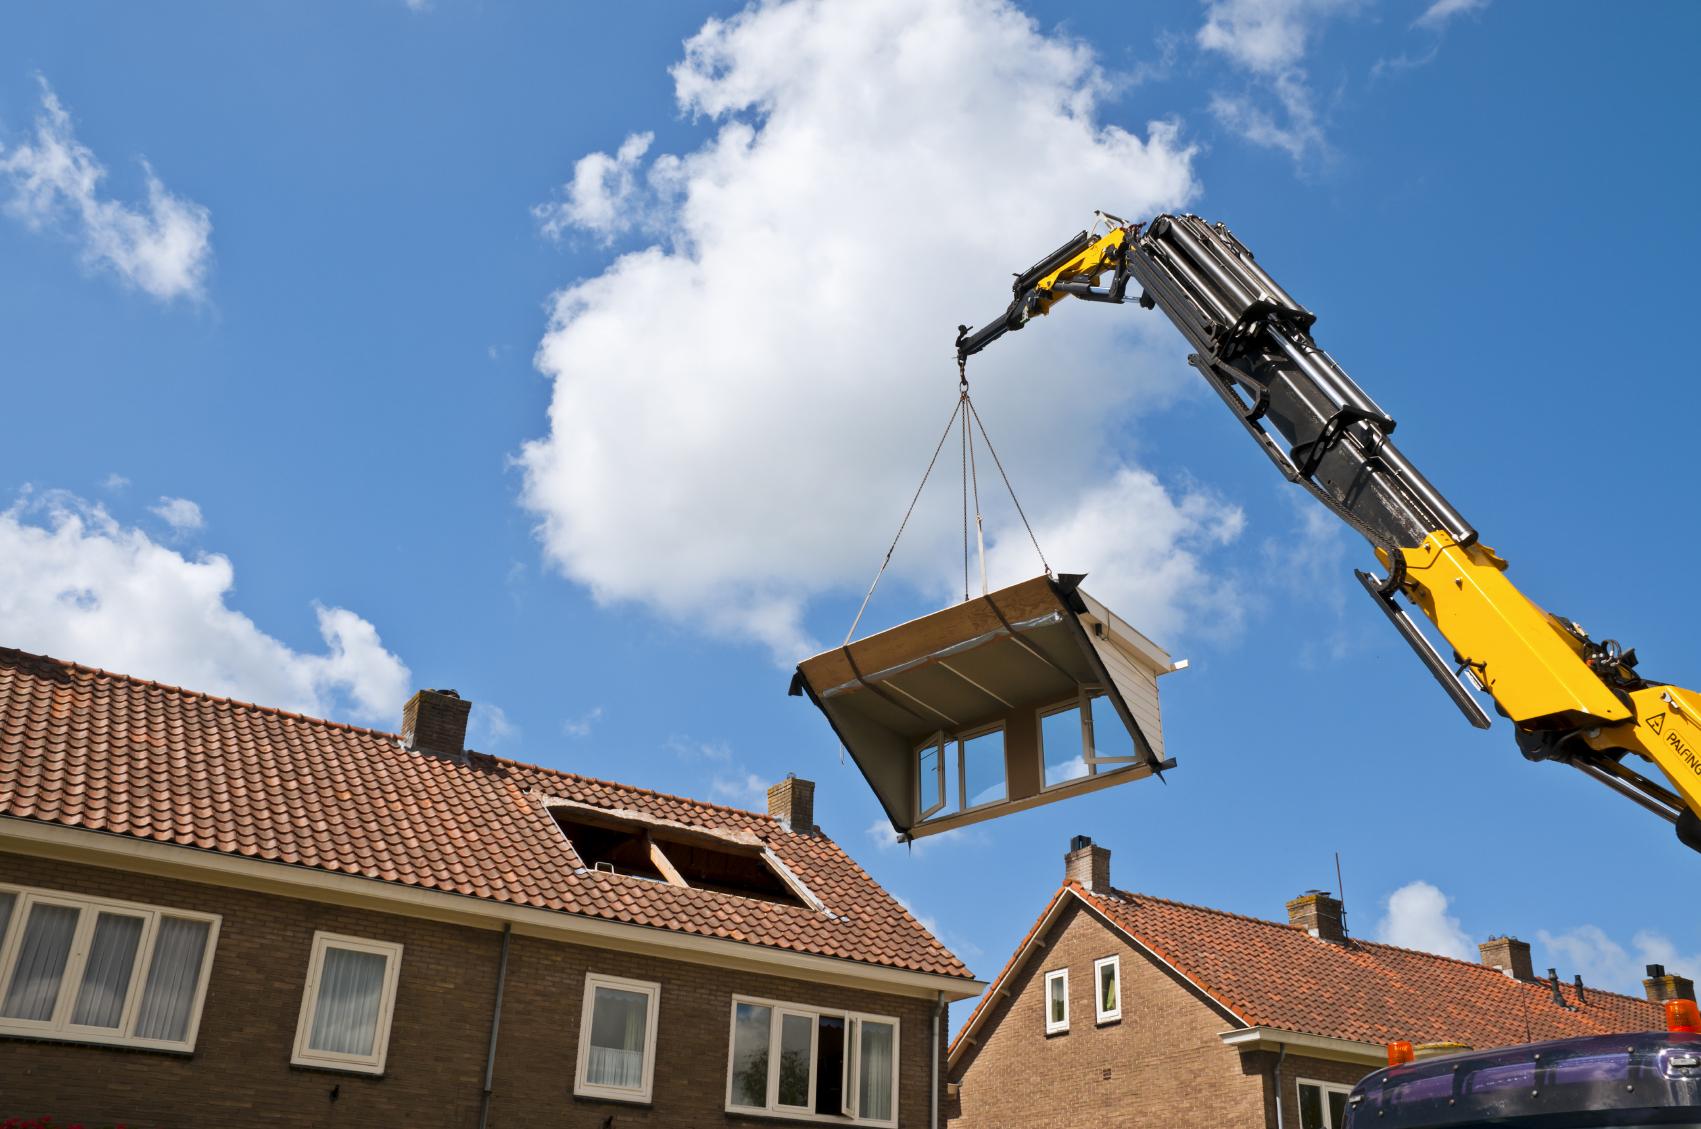 Keuken Verbouwing Hypotheek : Geen hogere hypotheek mogelijk? Een WOZ-krediet kan vaak wel!